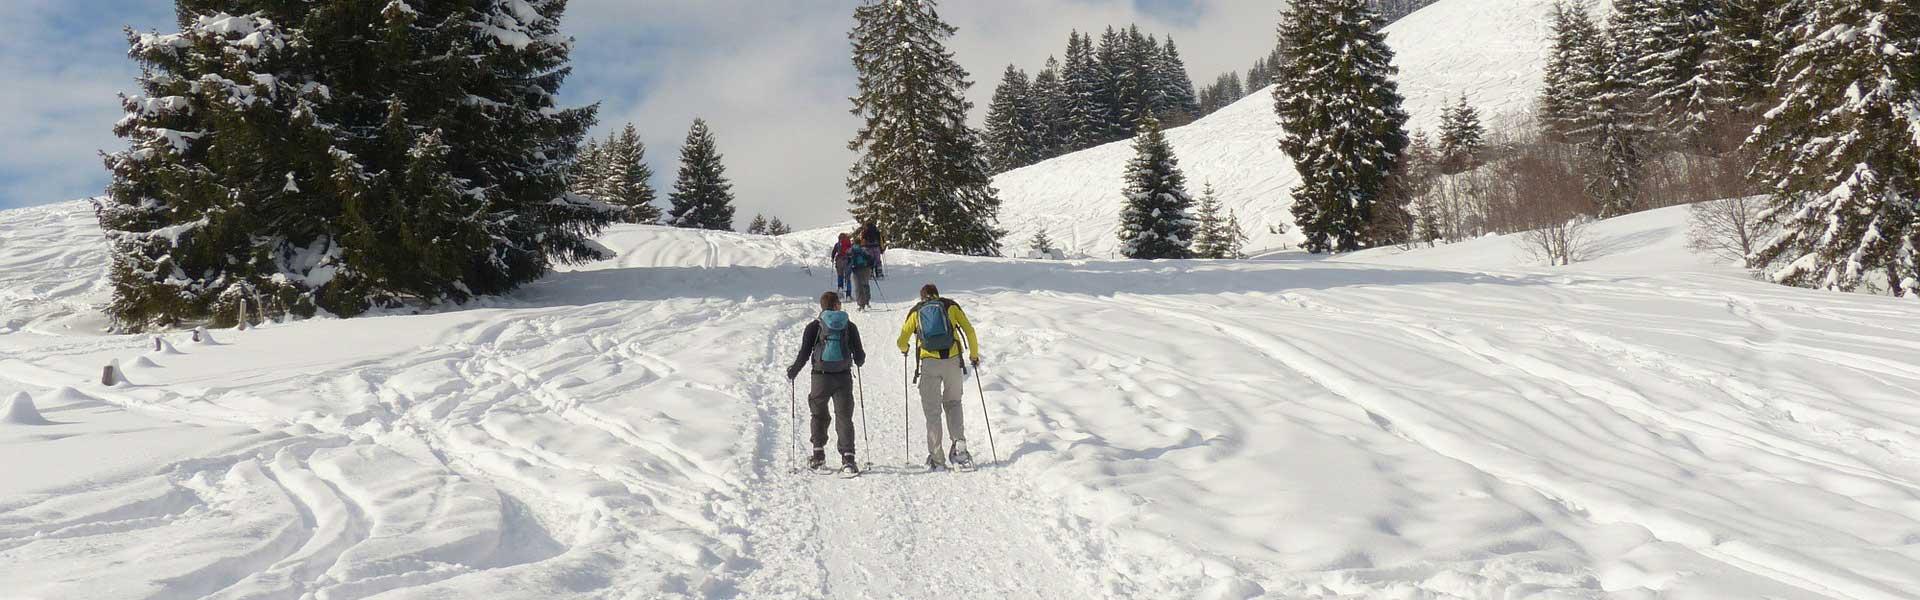 Schneeschuh-Wandern in Waldkirchen – Naturerlebnis pur